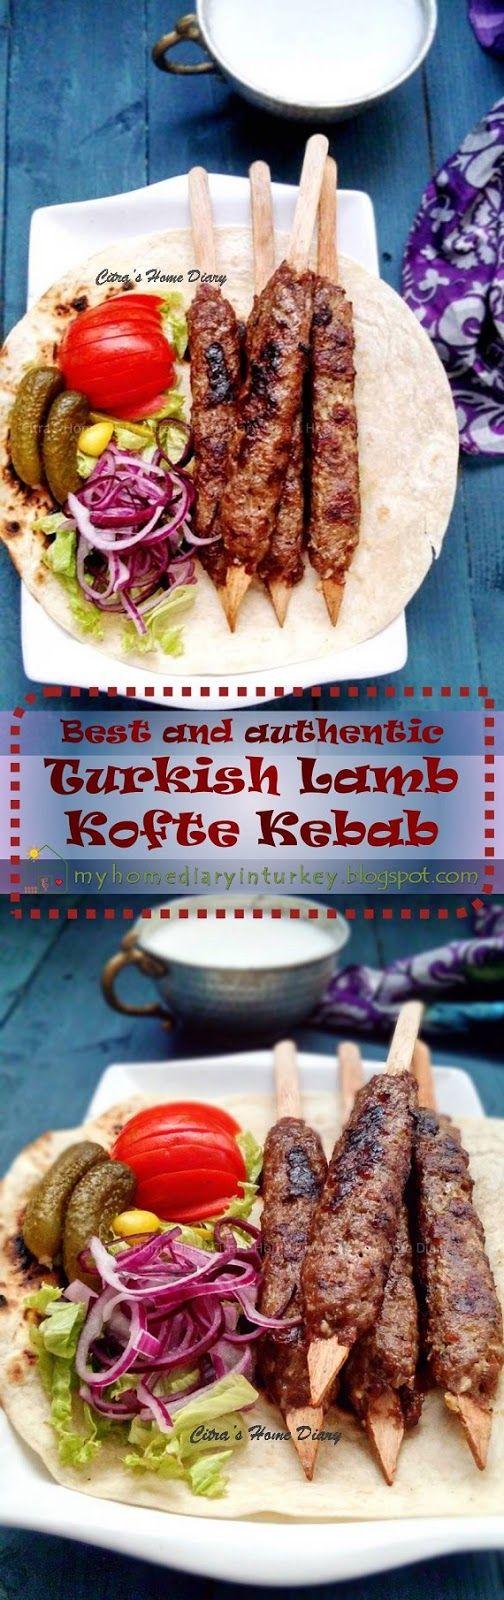 Köfte Kebabı / Turkish lamb Kofta (meatball) Kebab, authentic and best recipe | Çitra's Home Diary. #kofte #lambkofta #lambkebab #turkishfood #resepkoftekhasturki #meatball #midleeast #grilled #groundmeat#resepkhasturki